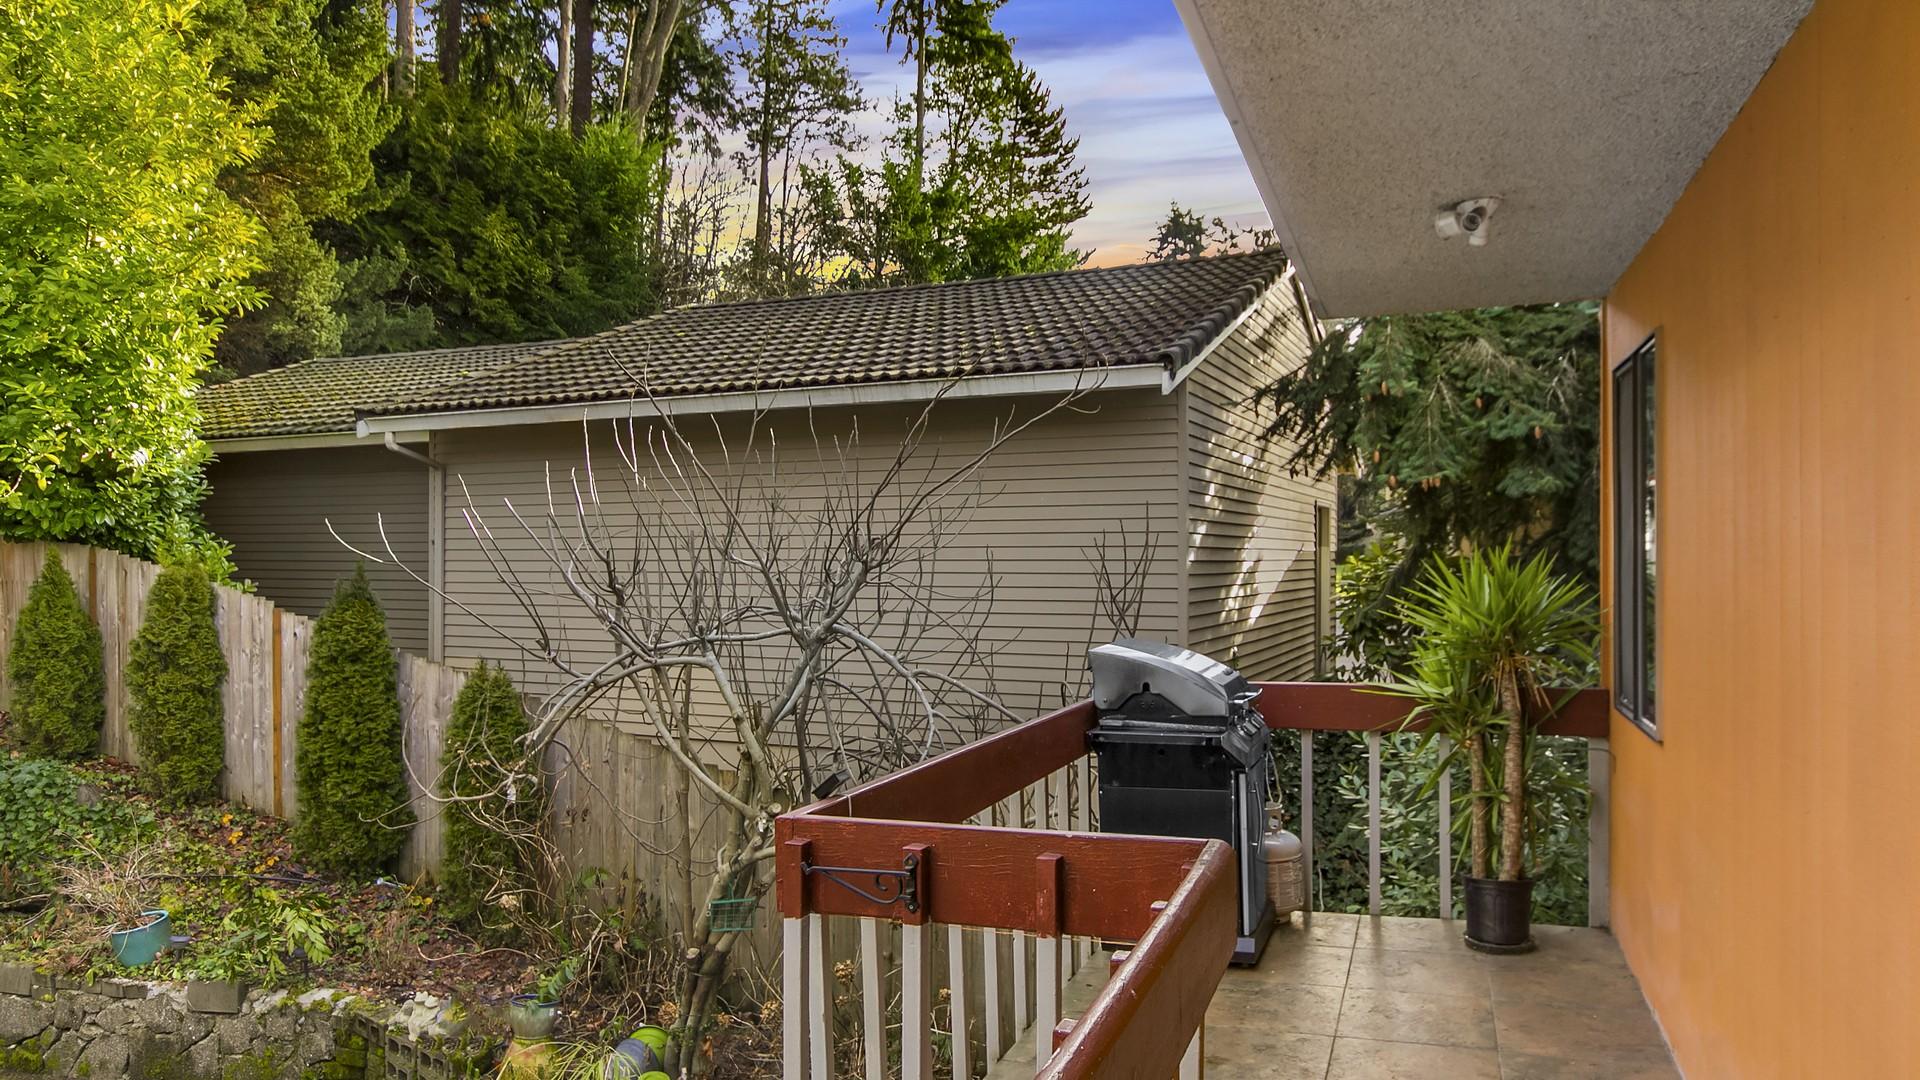 Additional photo for property listing at Multi-Family Residential Land 5210 Lake Washington Blvd Kirkland, Washington 98033 United States